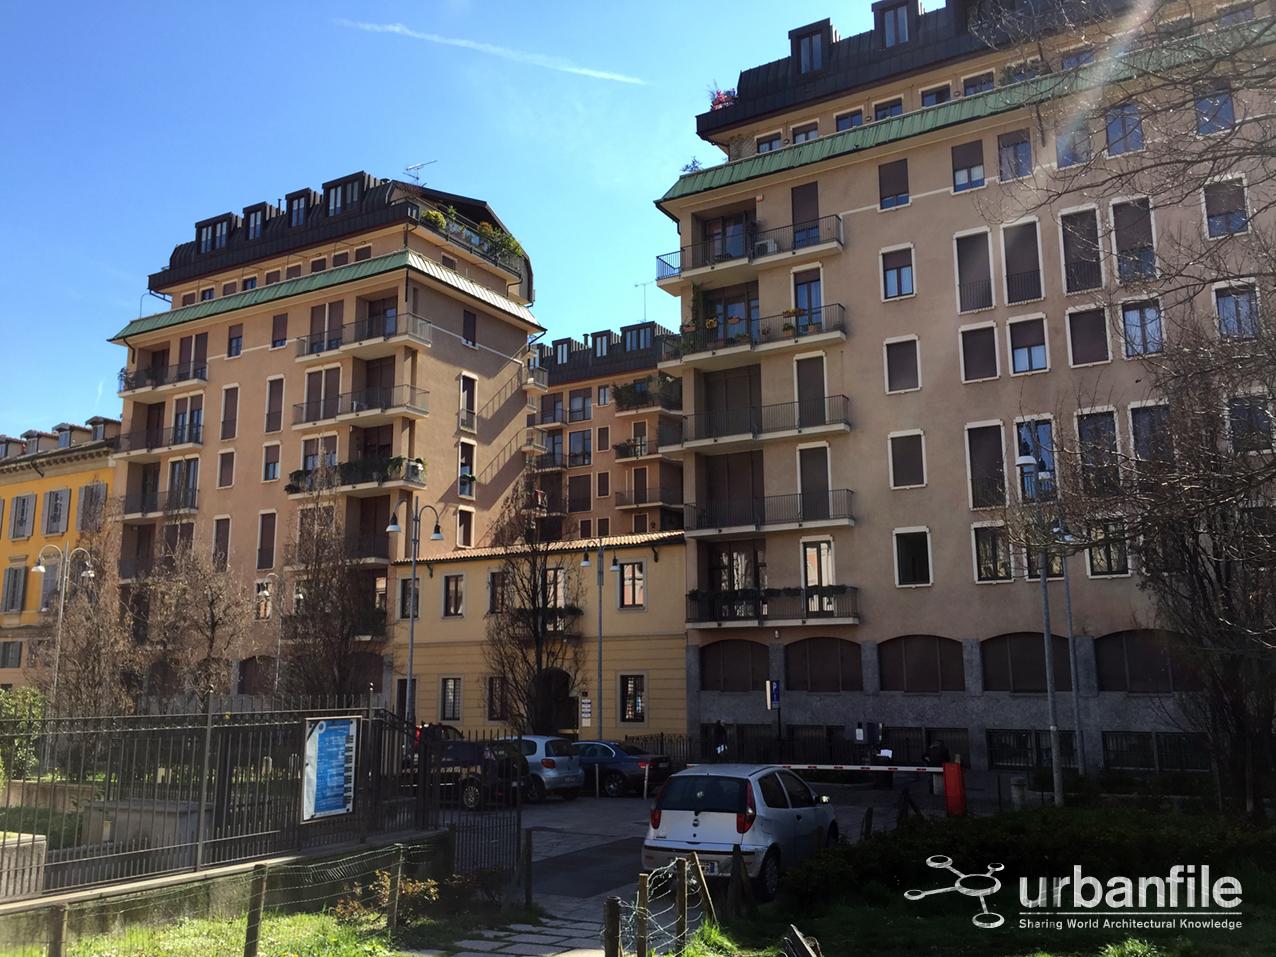 Milano castello palazzo dal verme il bel cortile del for Piani di palazzi contemporanei